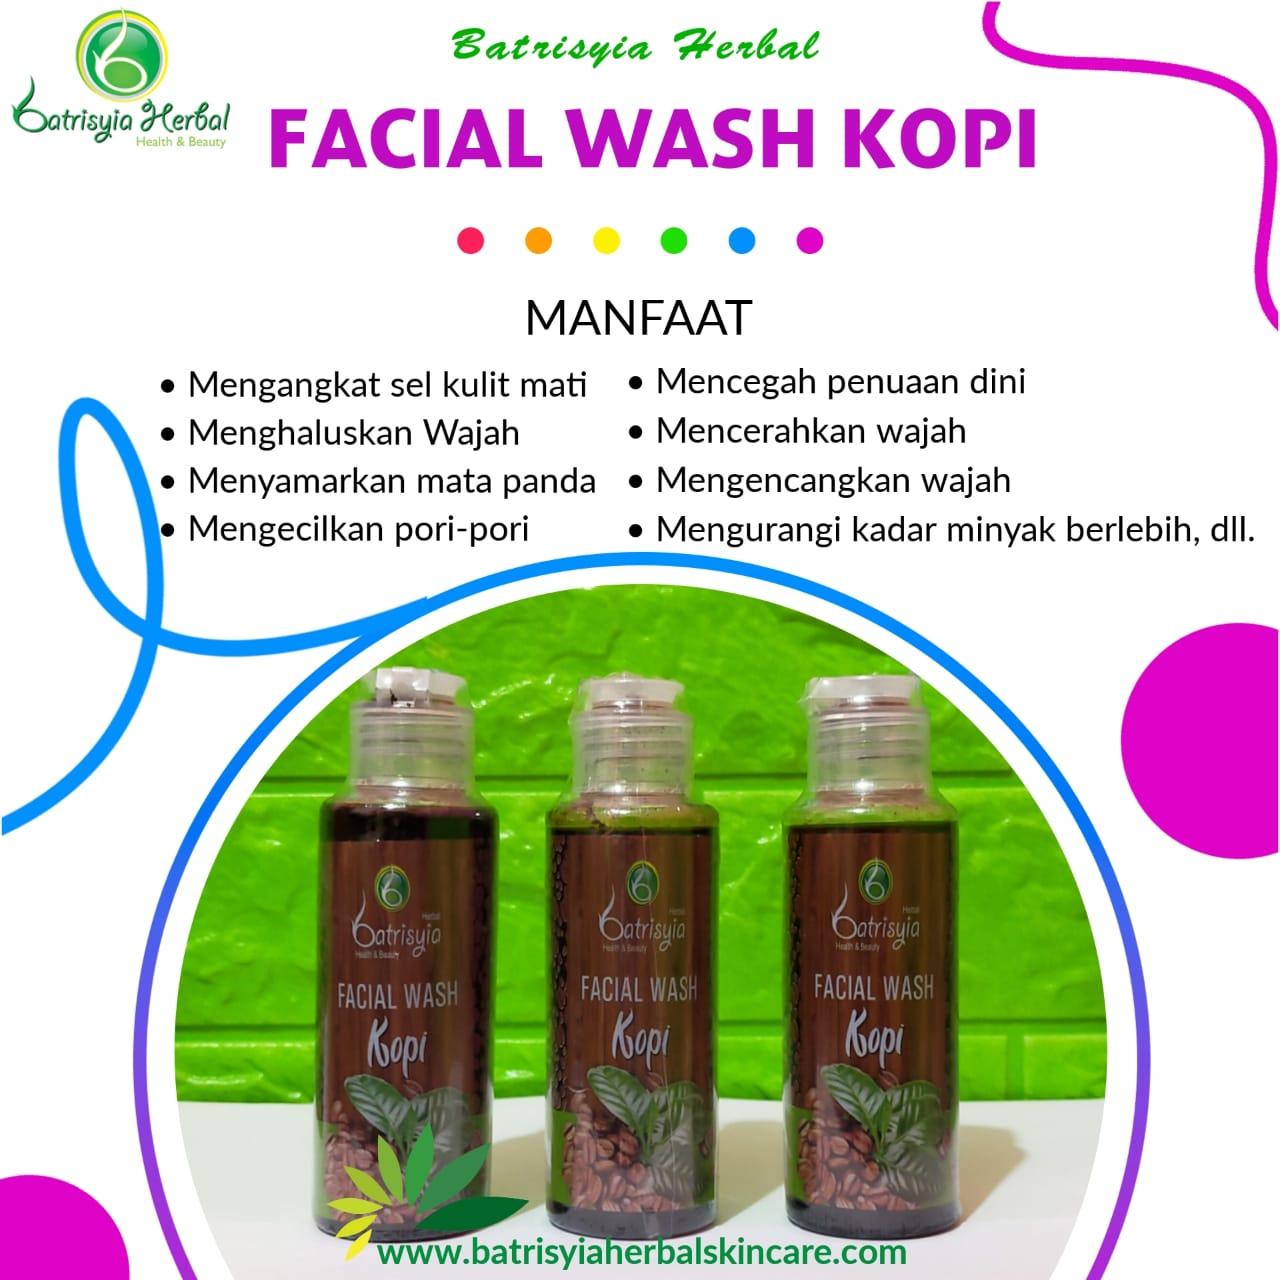 Facial Wash Kopi Batrisyia